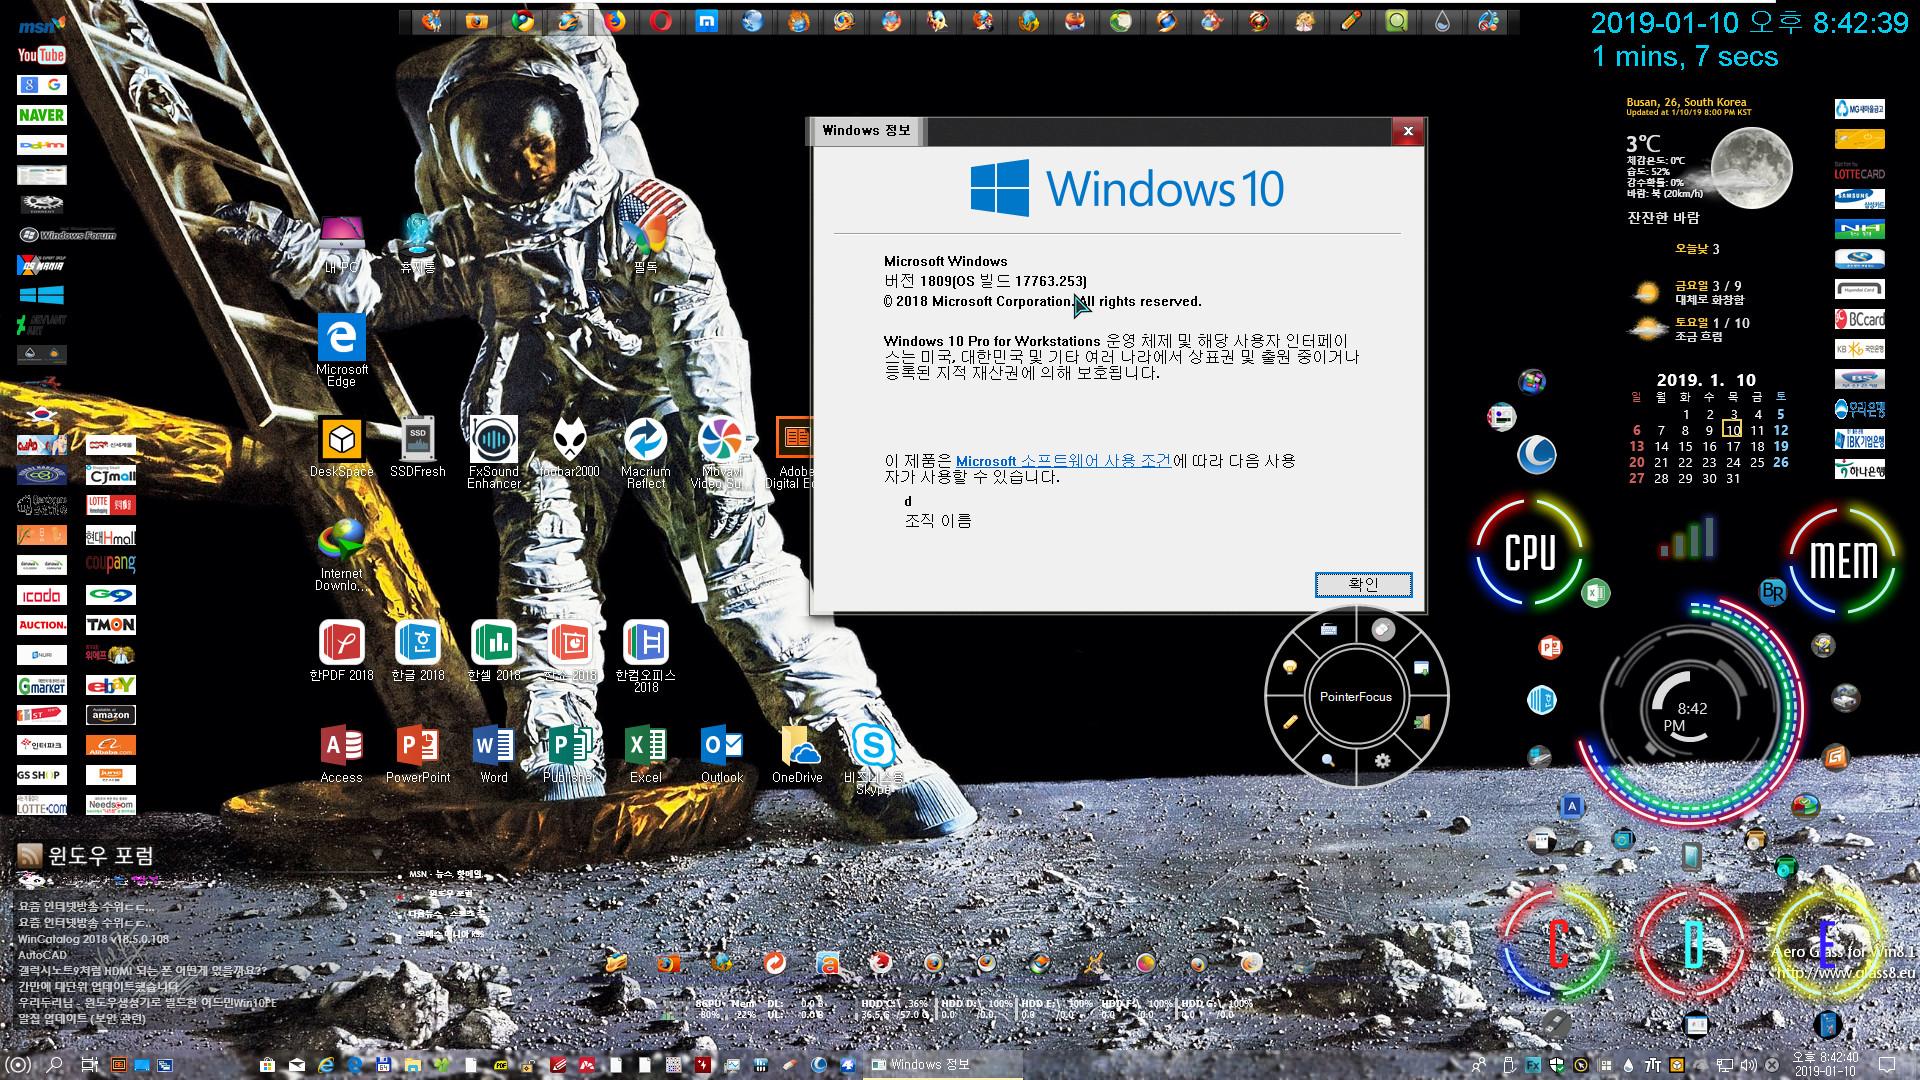 태풍OO님 Win10_Rs5_pArAoTPg35_윈도와PE의프로그램들공유-vhd만들어서vmware에연결 2019-01-10_204240.jpg